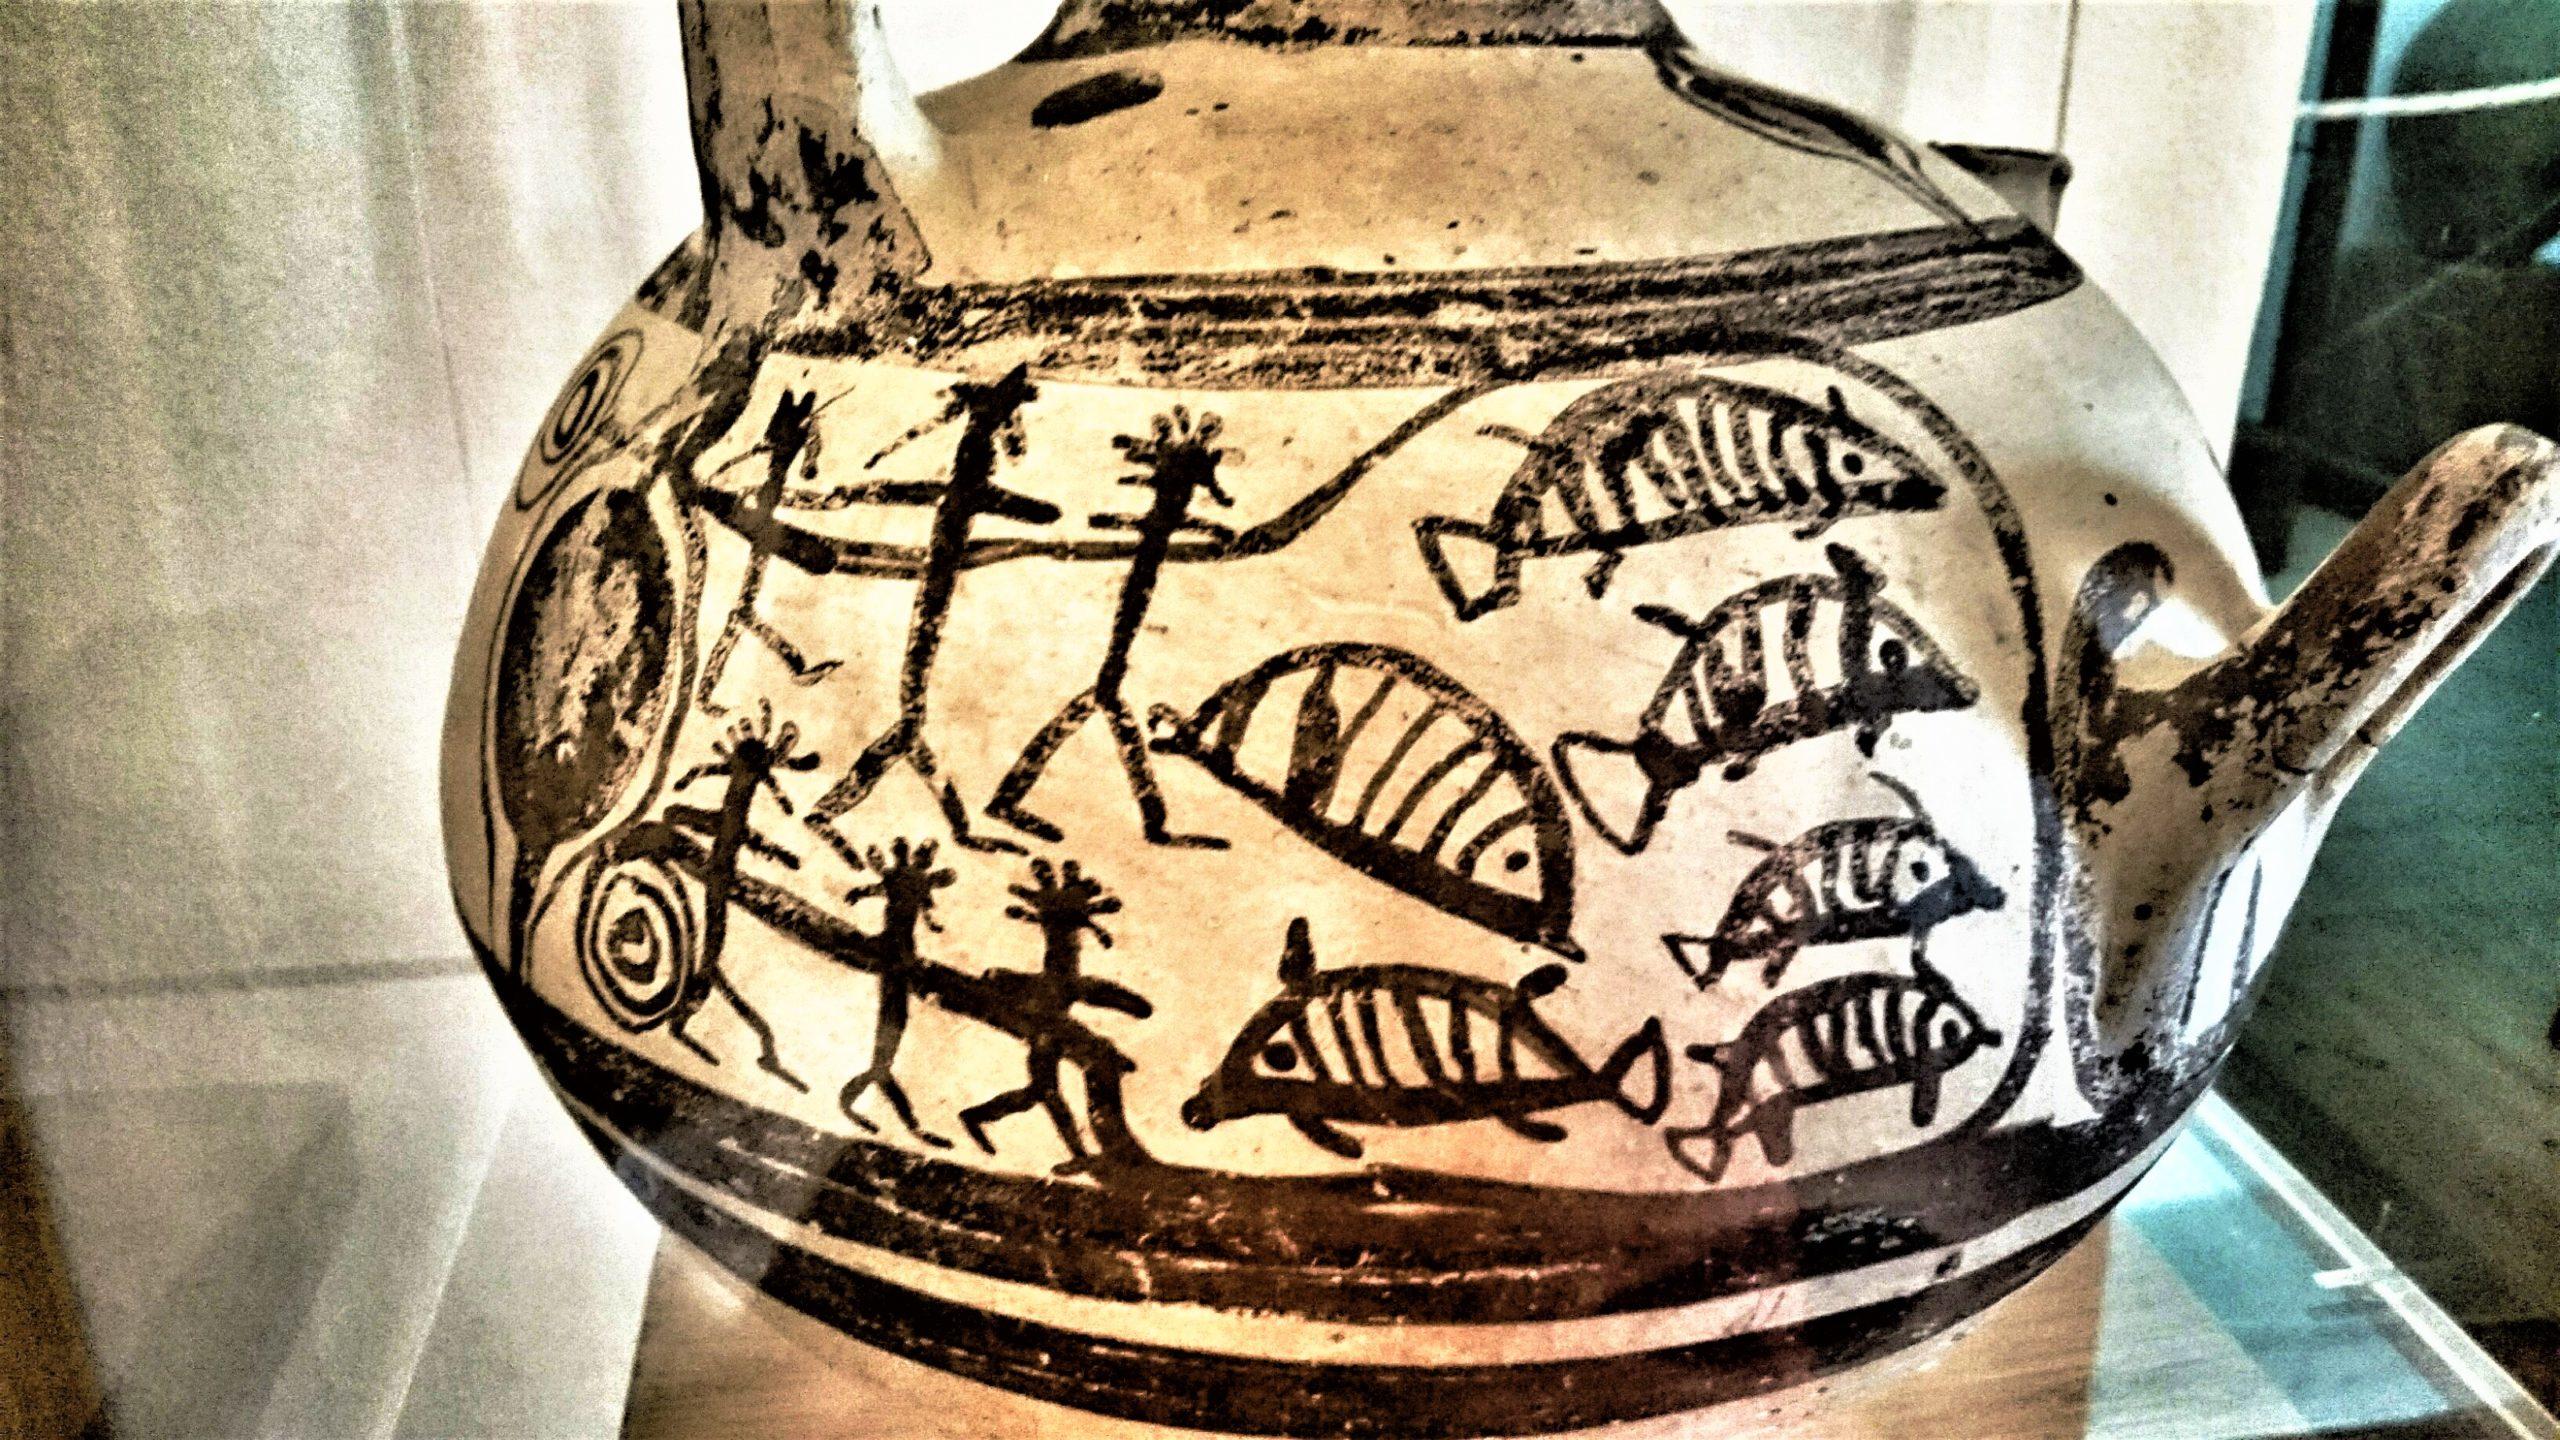 Νάξος, Αρχαιολογικό Μουσείο Νάξου, Χώρα Νάξου, Σχολή Ιησουιτών, Νίκος Καζαντζάκης